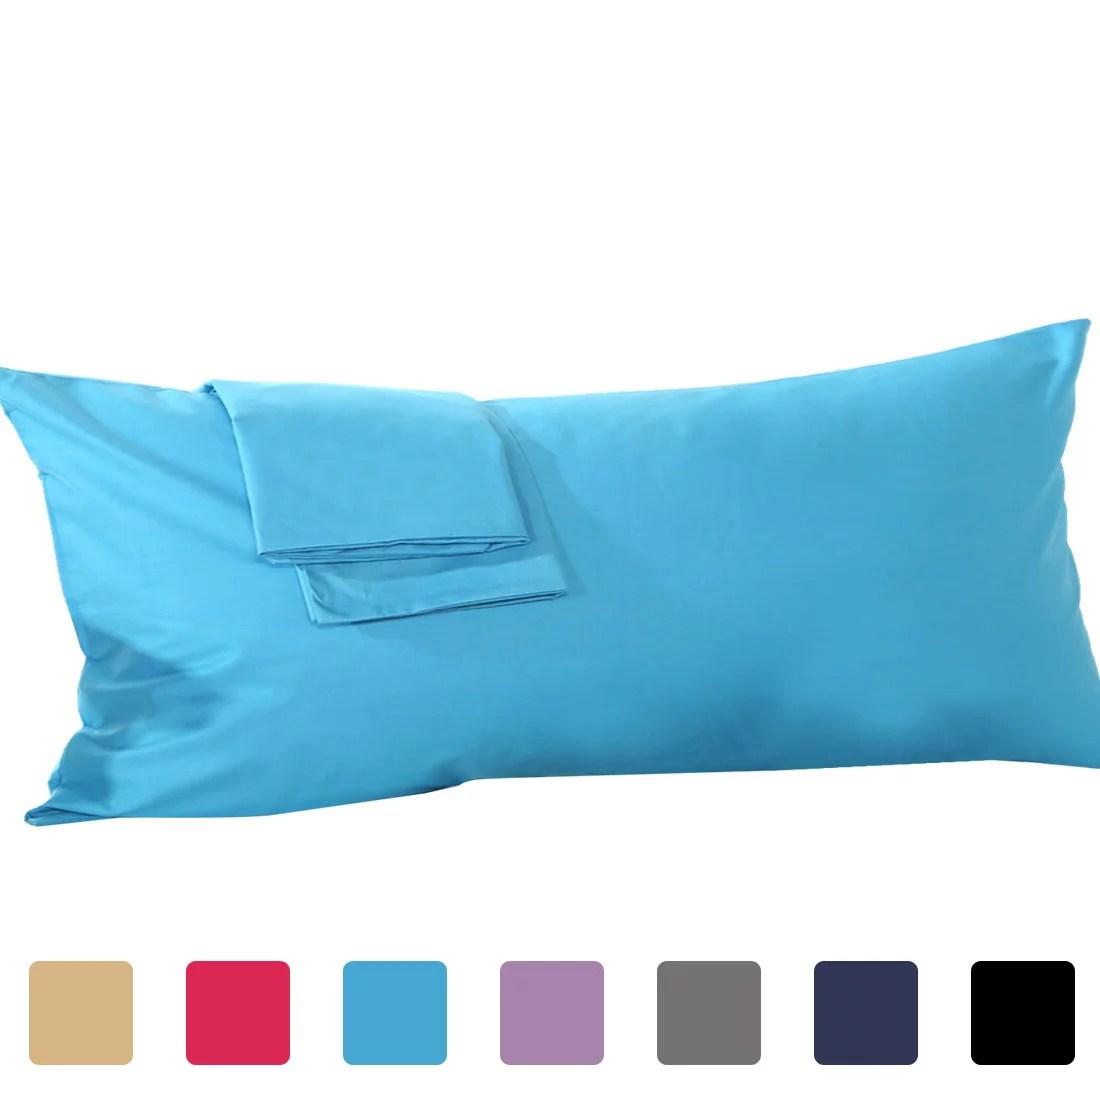 piccocasa 100 cotton silky soft egyptian cotton pillow cover 1 piece body 20 x 48 blue